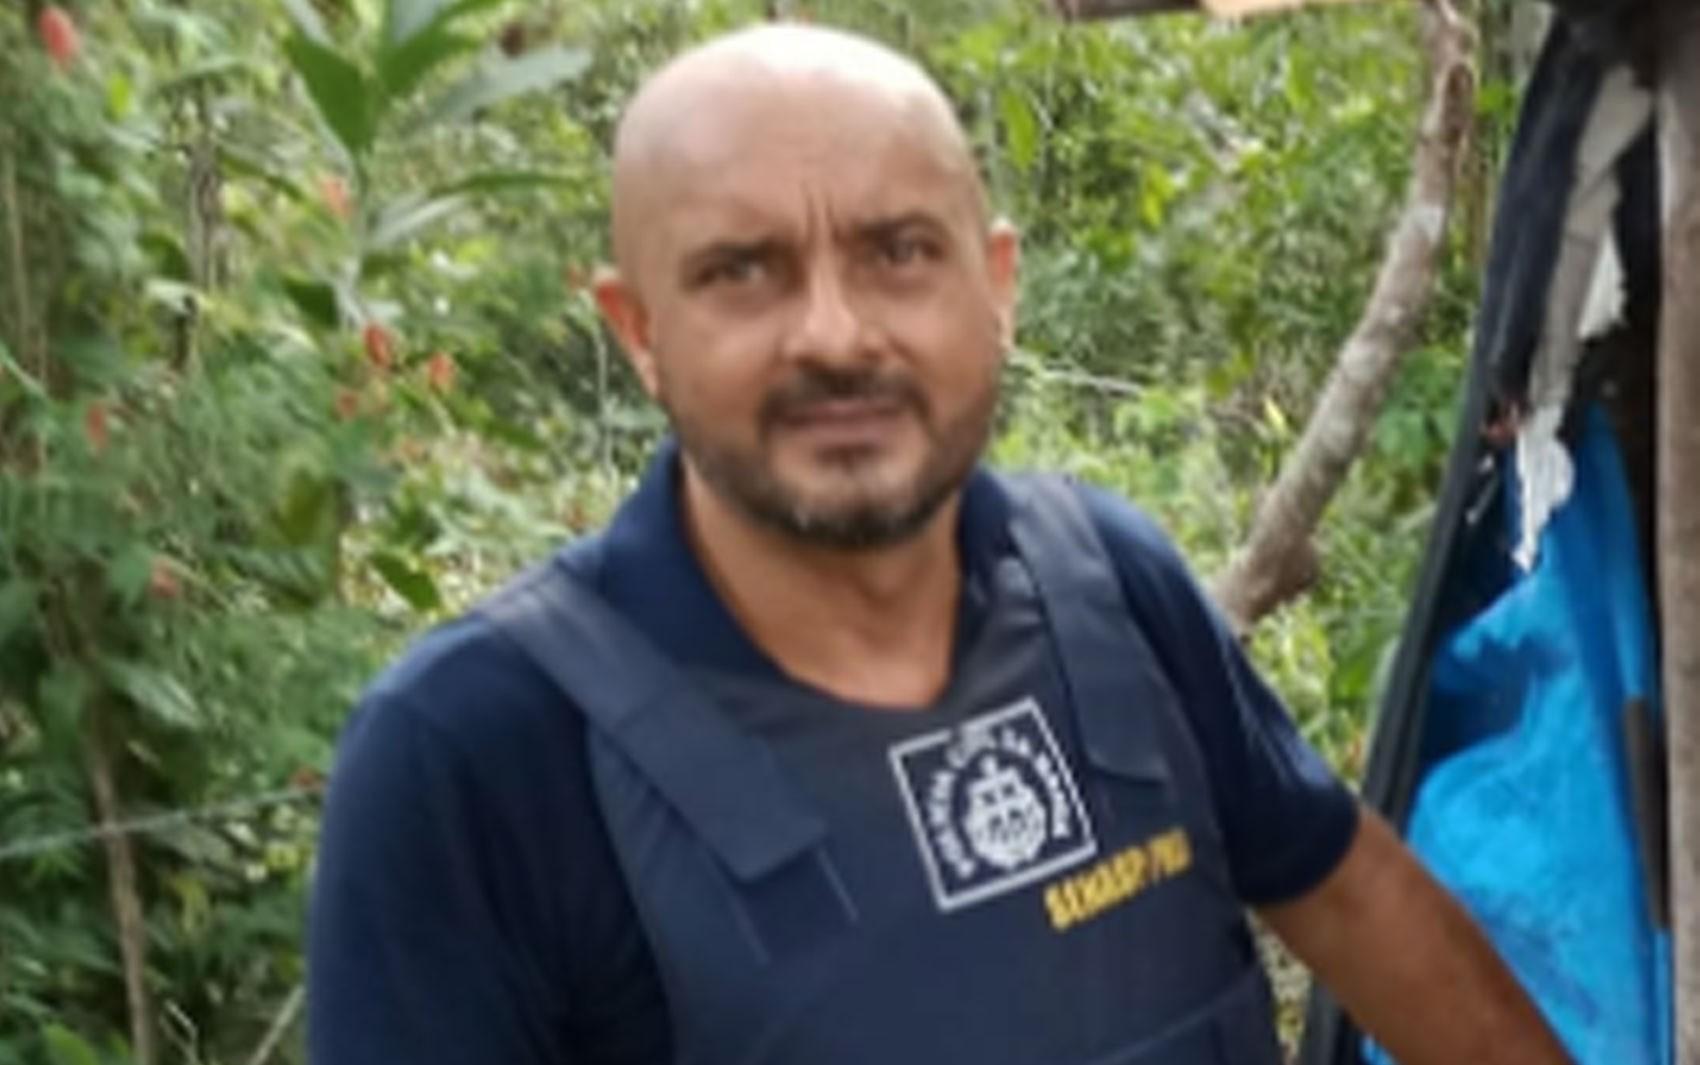 Investigador da Polícia Civil morre em Salvador em decorrência da Covid-19, diz sindicato